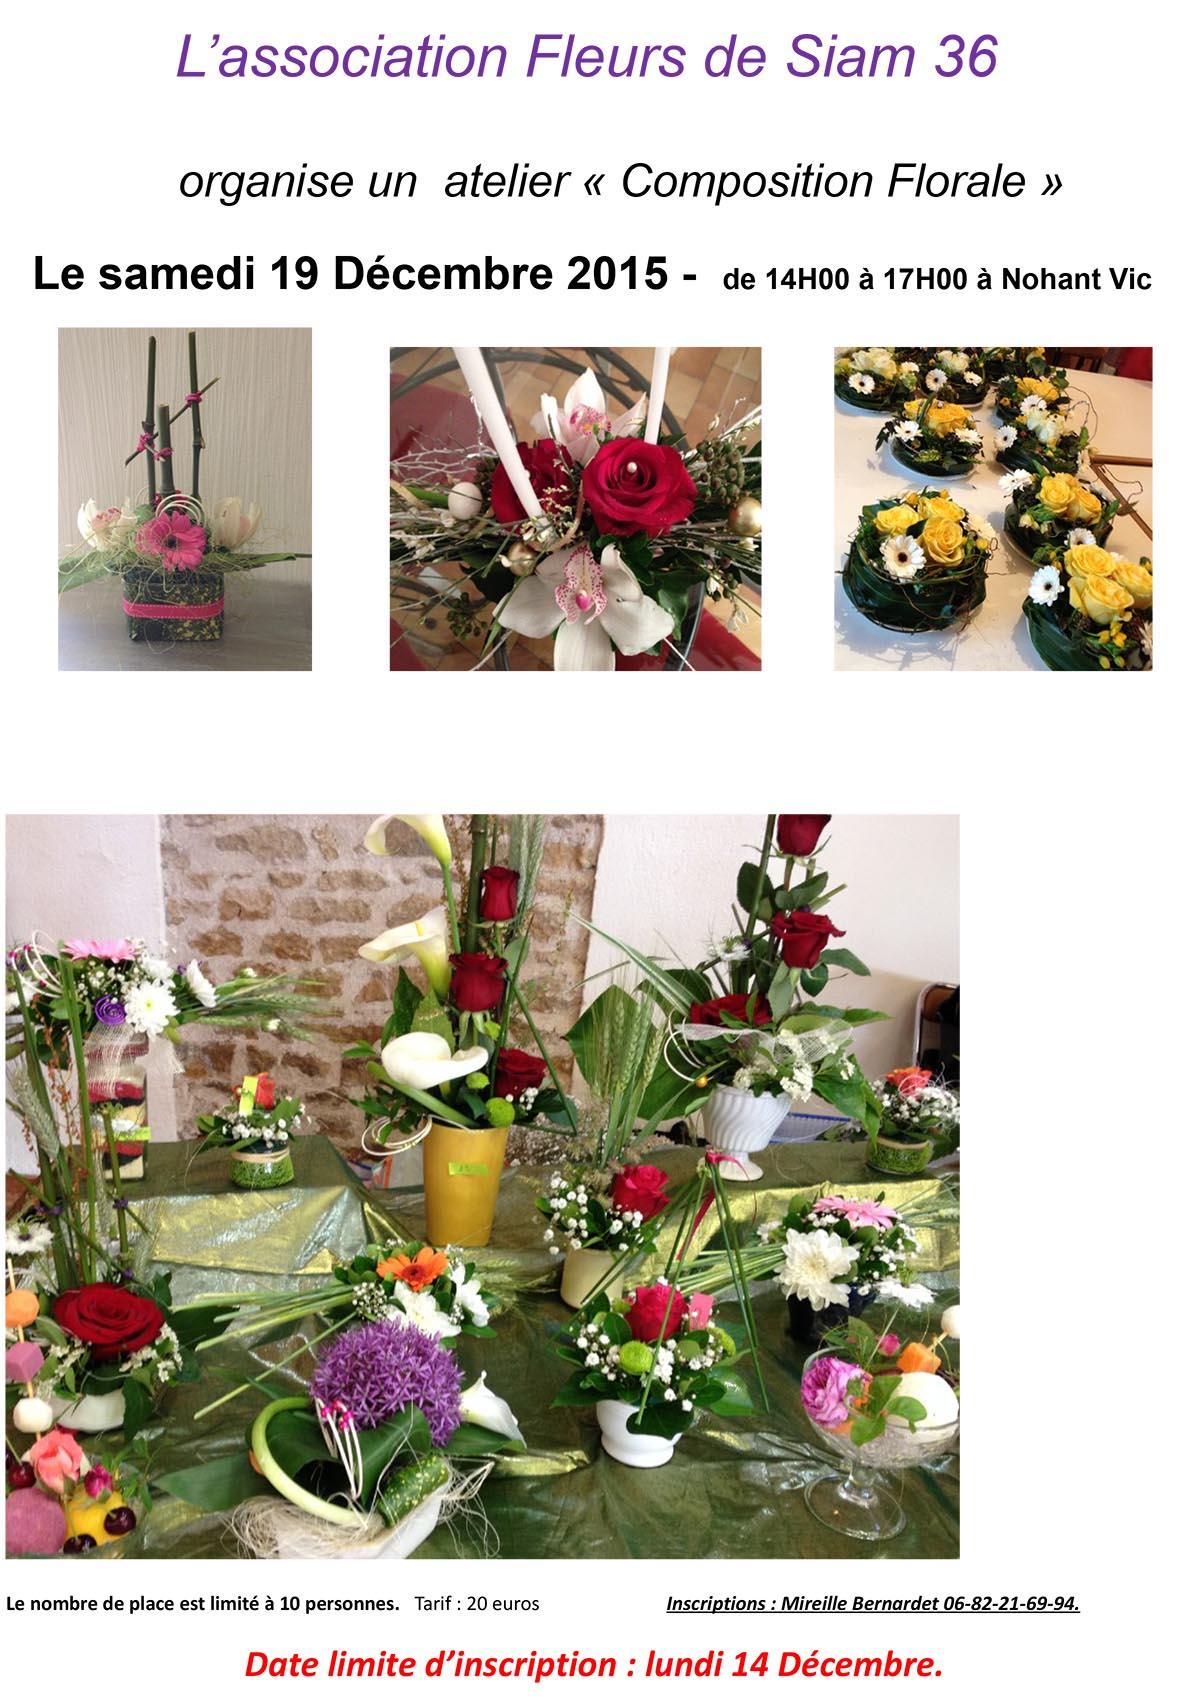 Fleurs de Siam 36 compostion florale-1